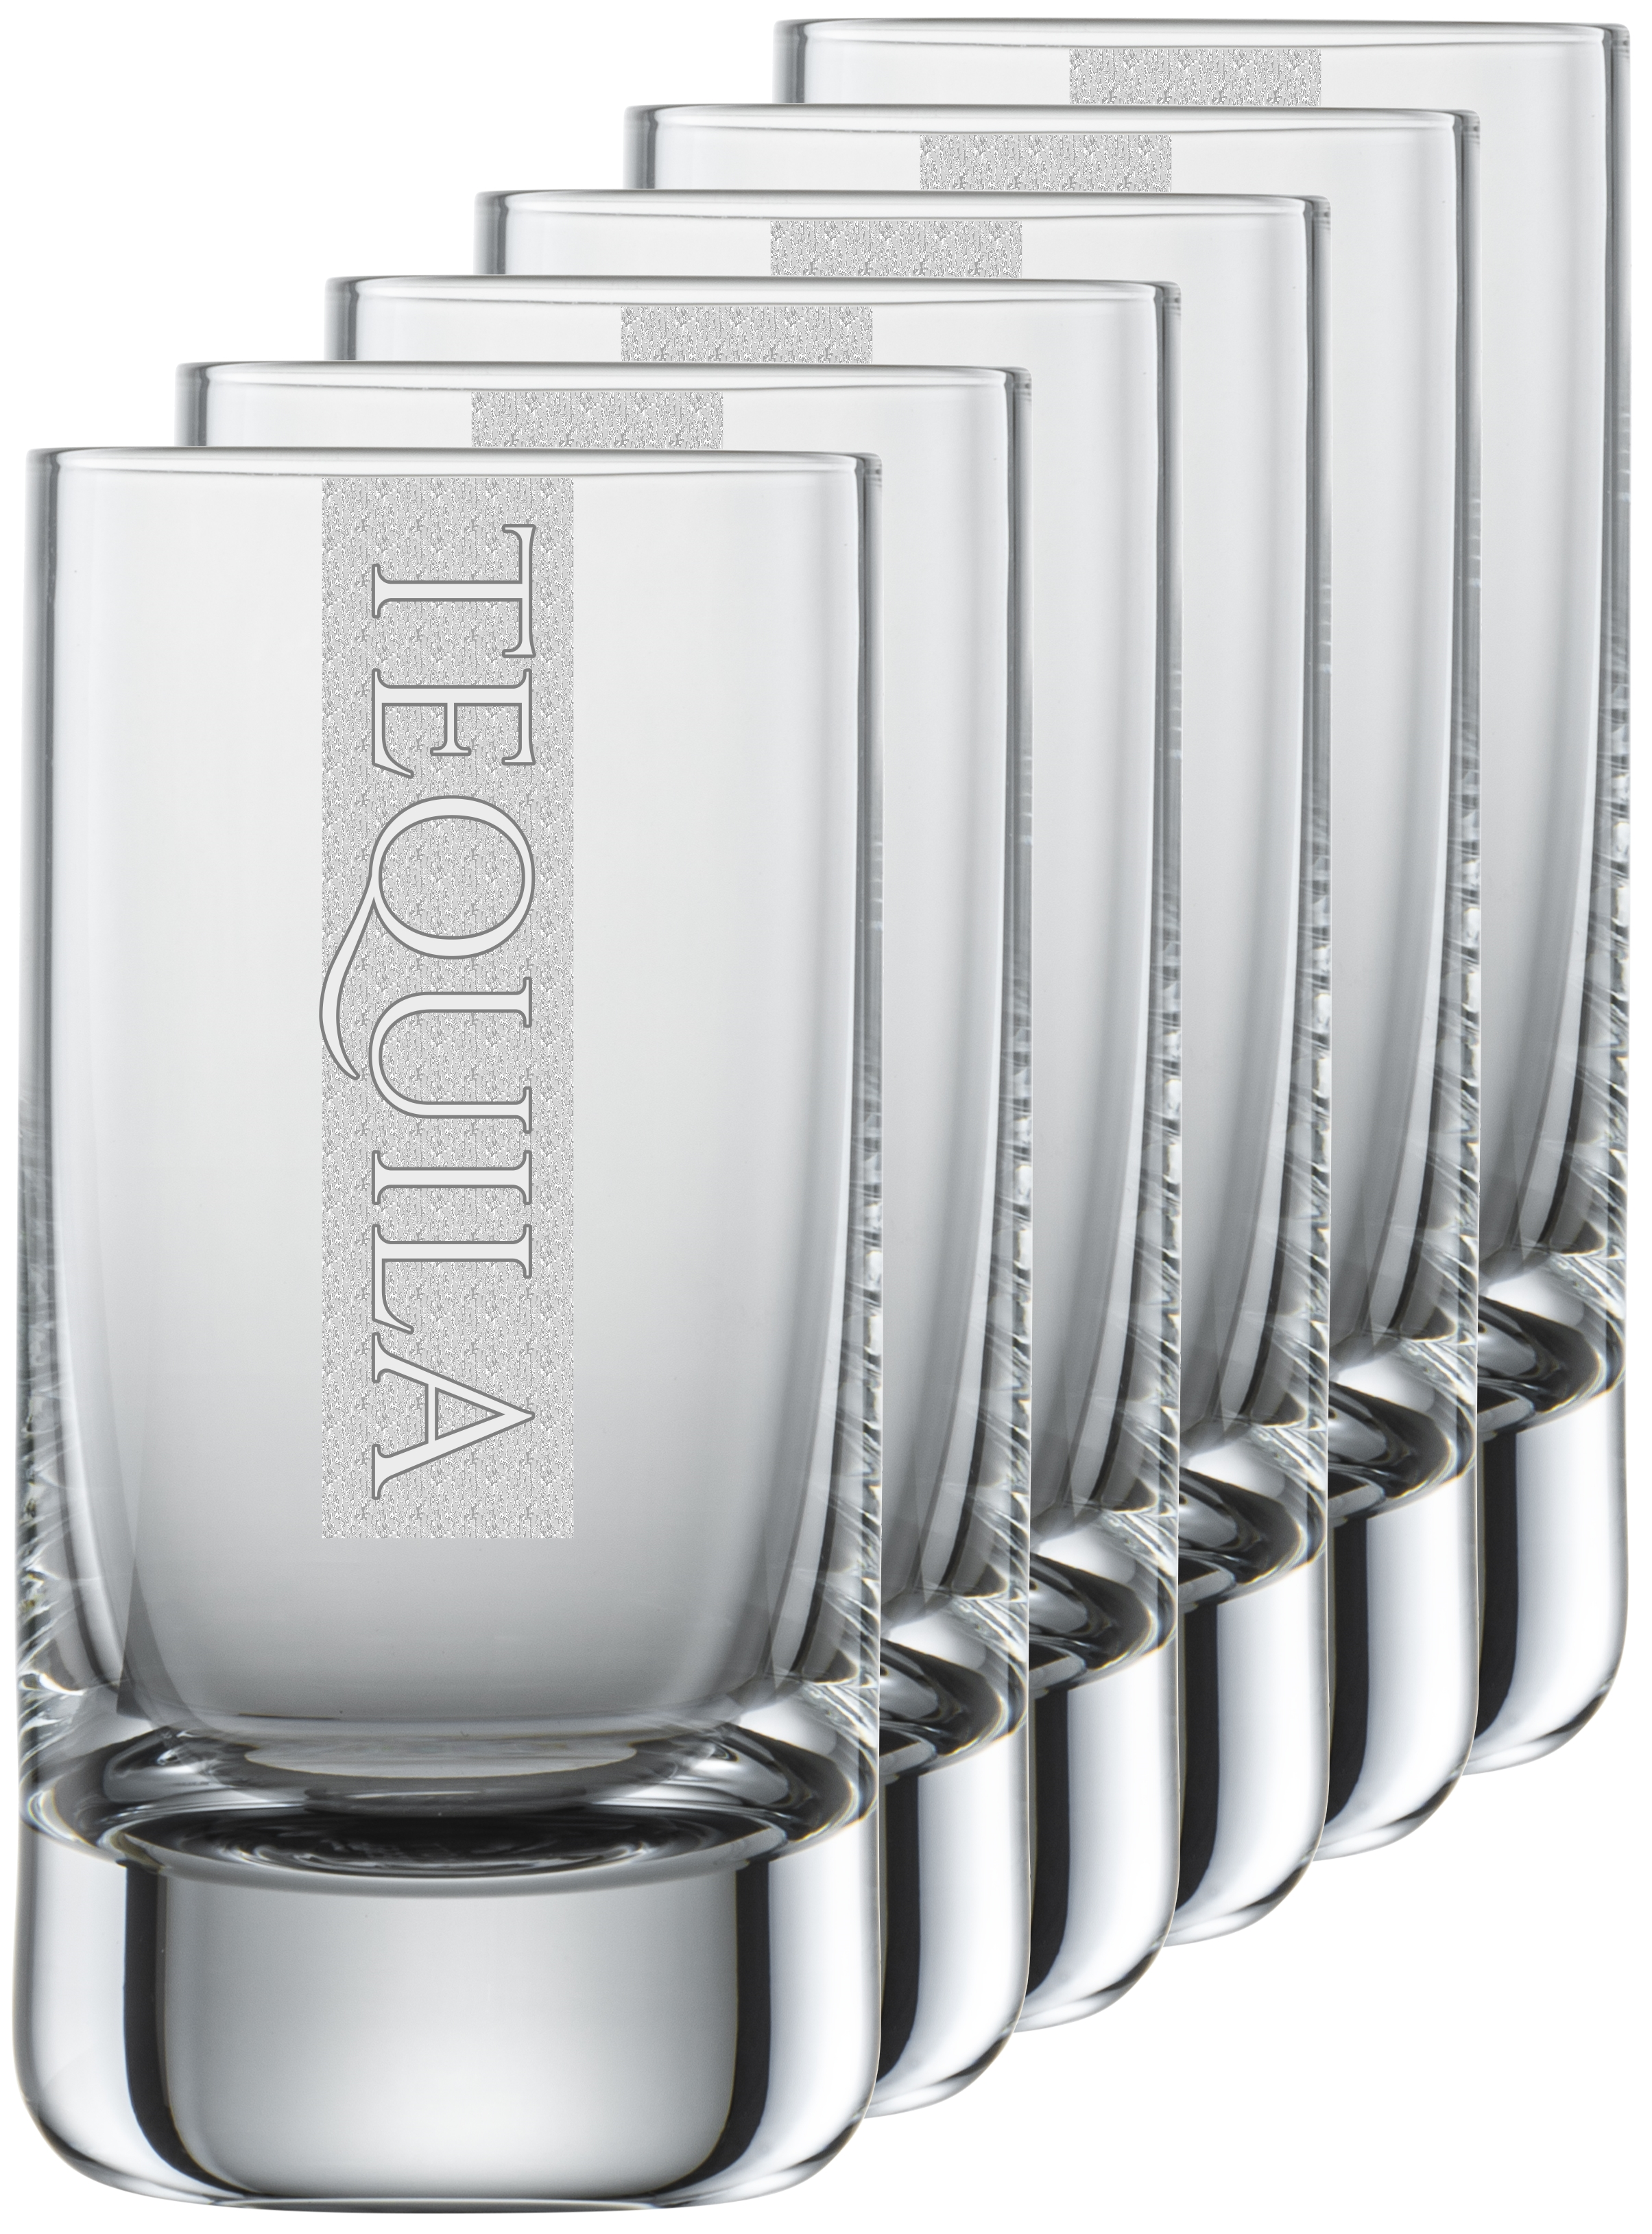 TEQUILA Gläser   6 Stück 5cl Schott Schnapsglas   CoolGlas